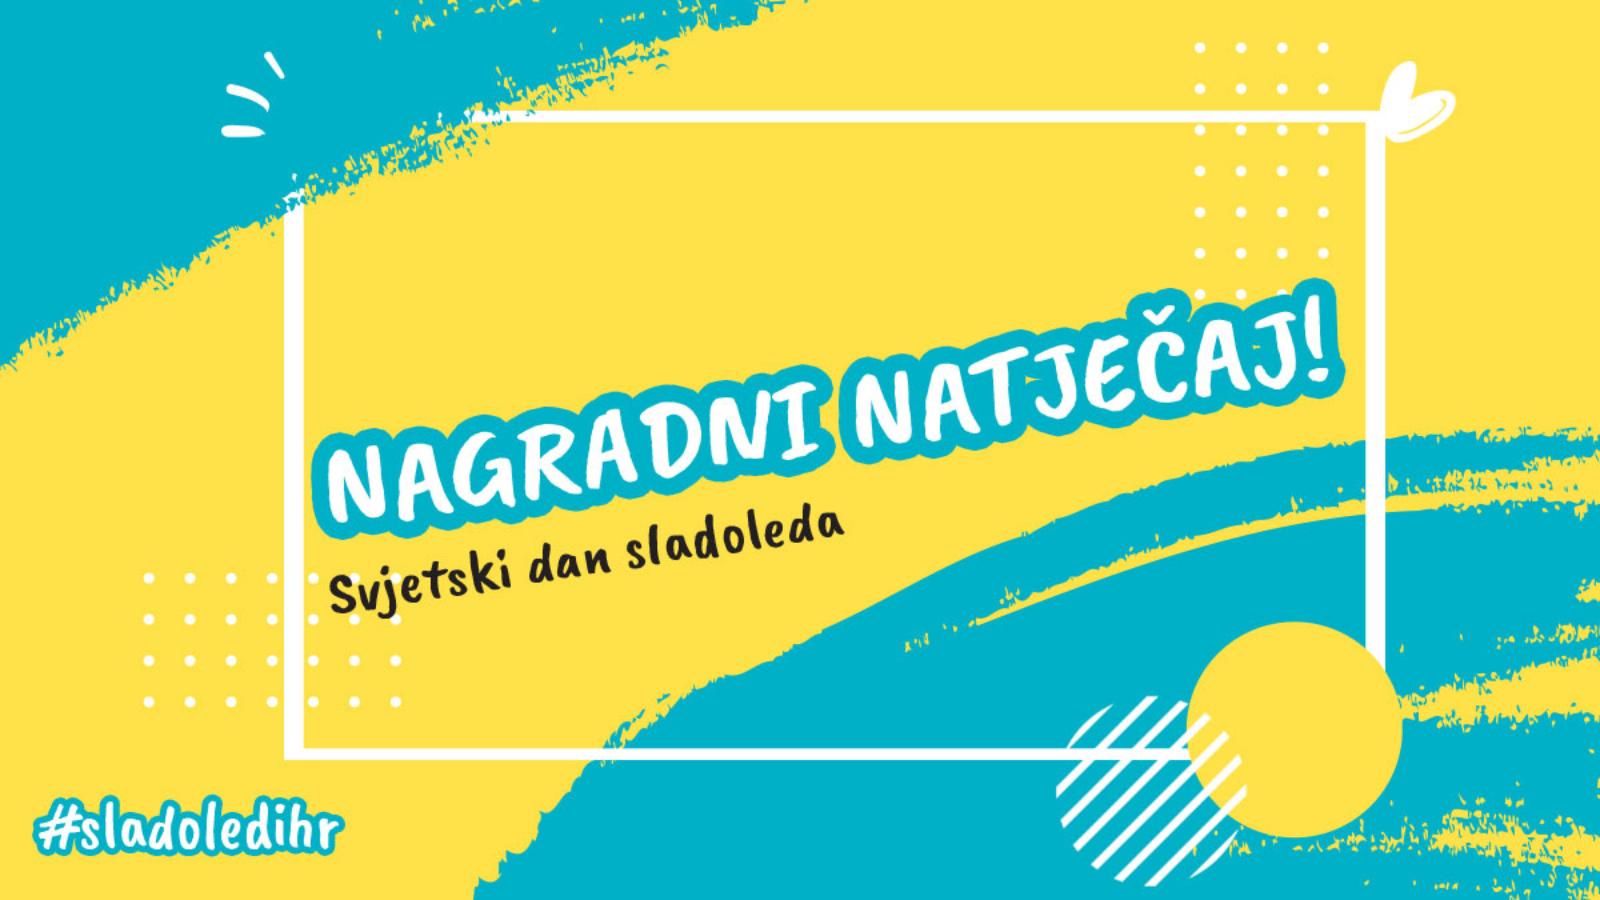 FB_sladoledi-nagradni-natjecaj-diskont-stanic-cover